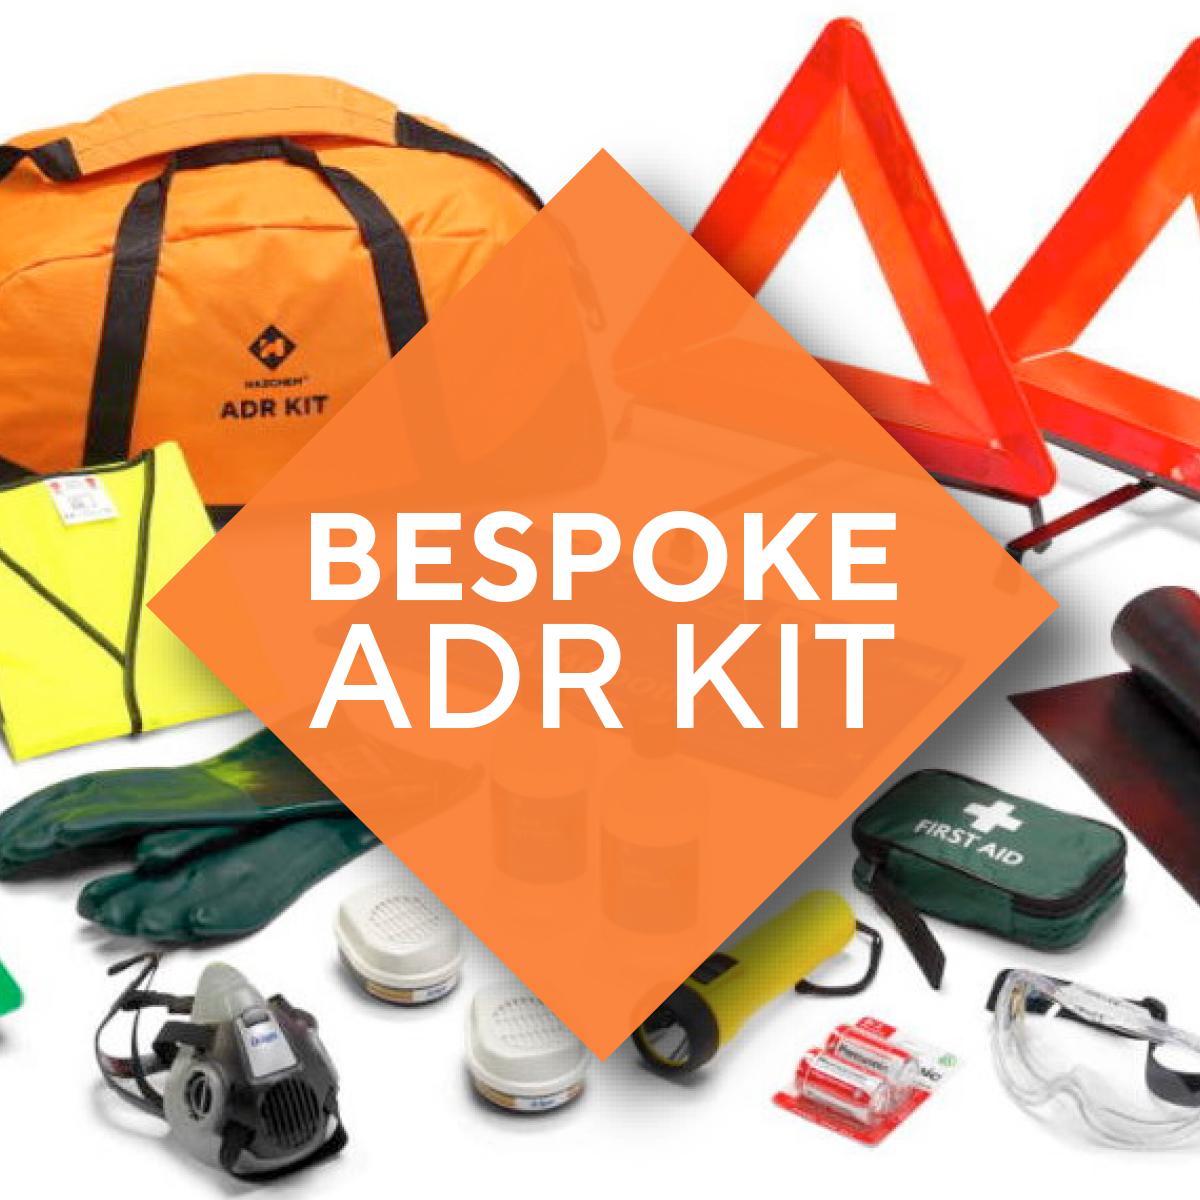 Bespoke ADR Kit Image